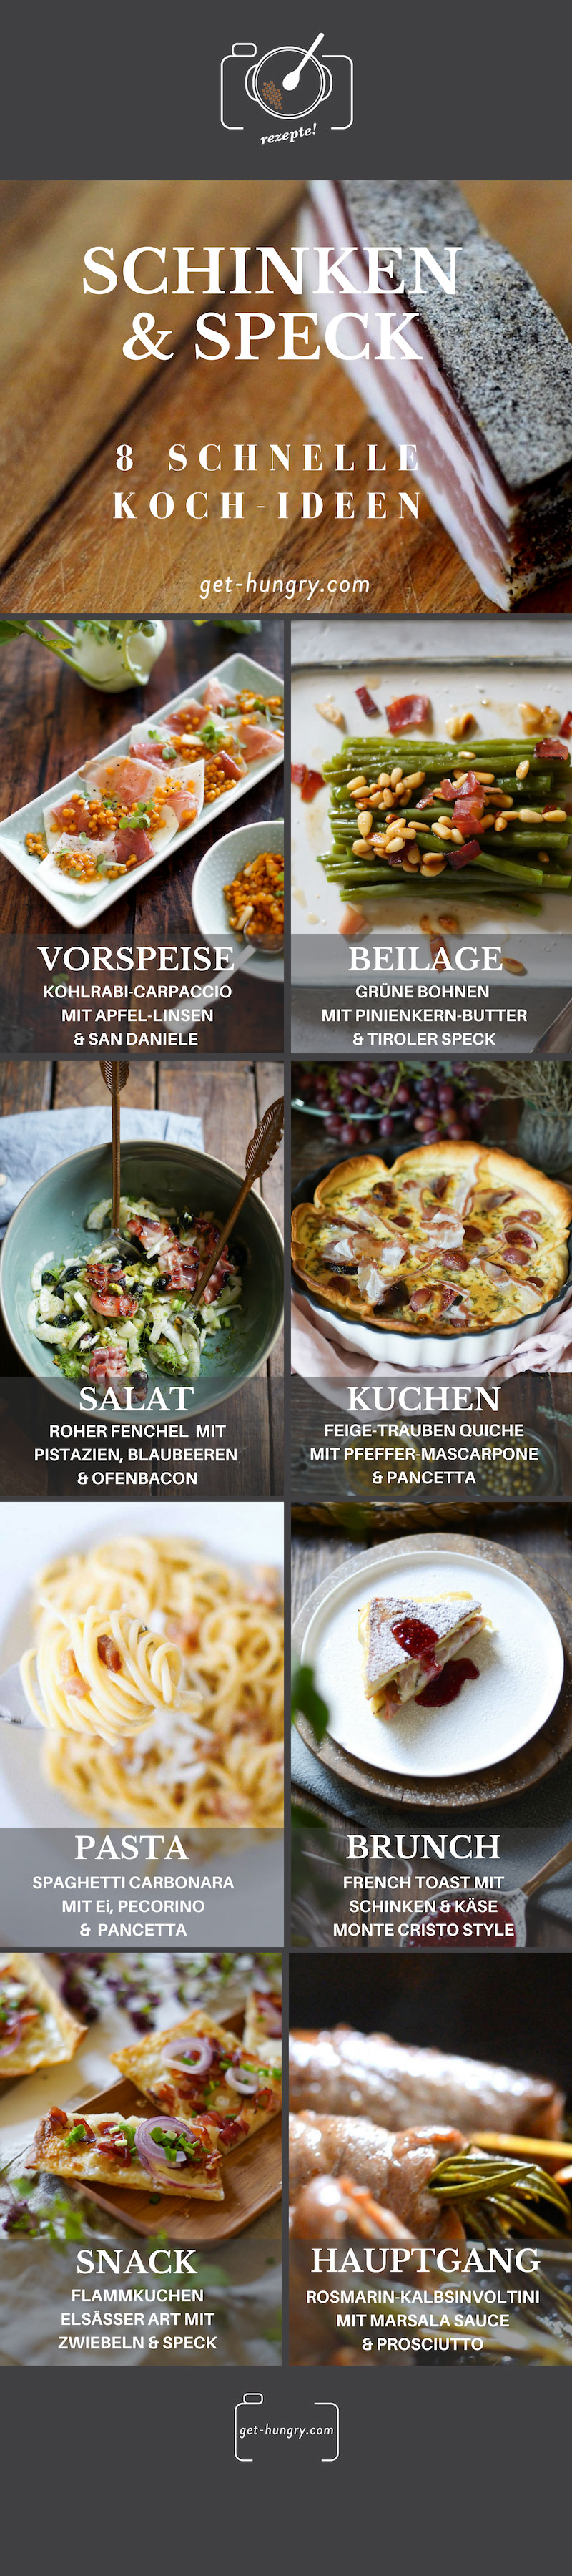 Acht schnelle Ideen für Speck-und Schinken-Gerichte